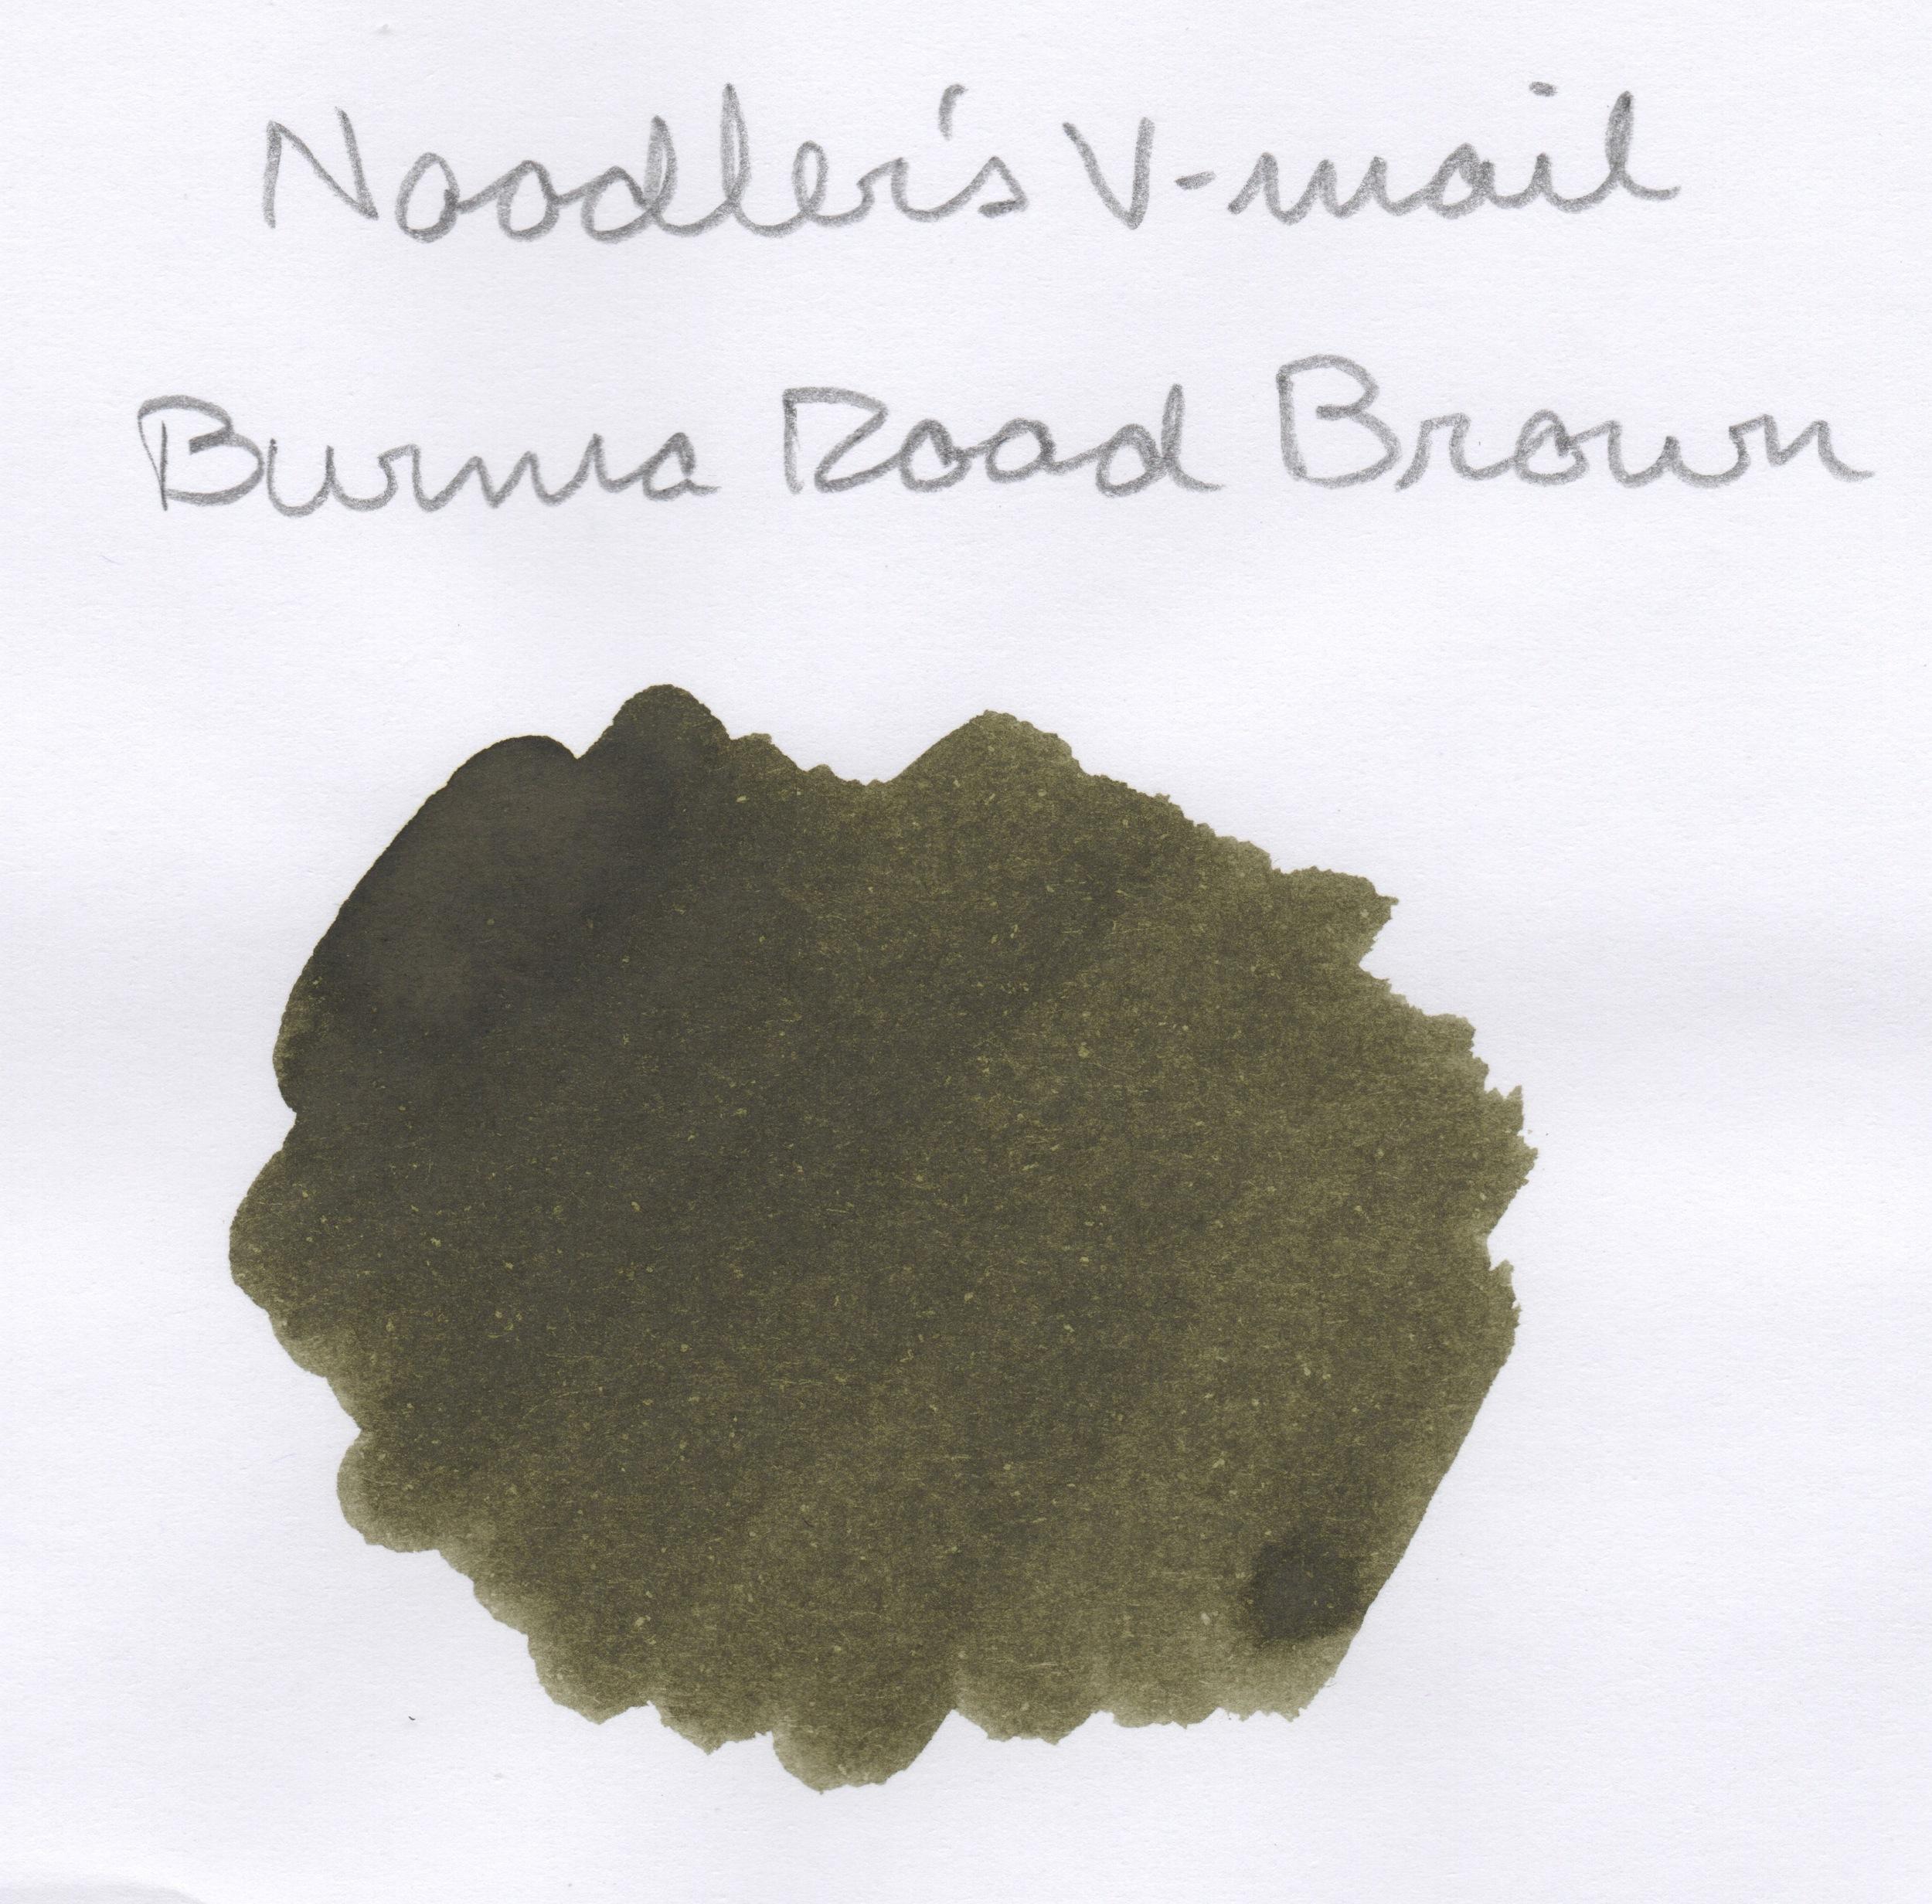 Noodlers Burma Brown.jpeg